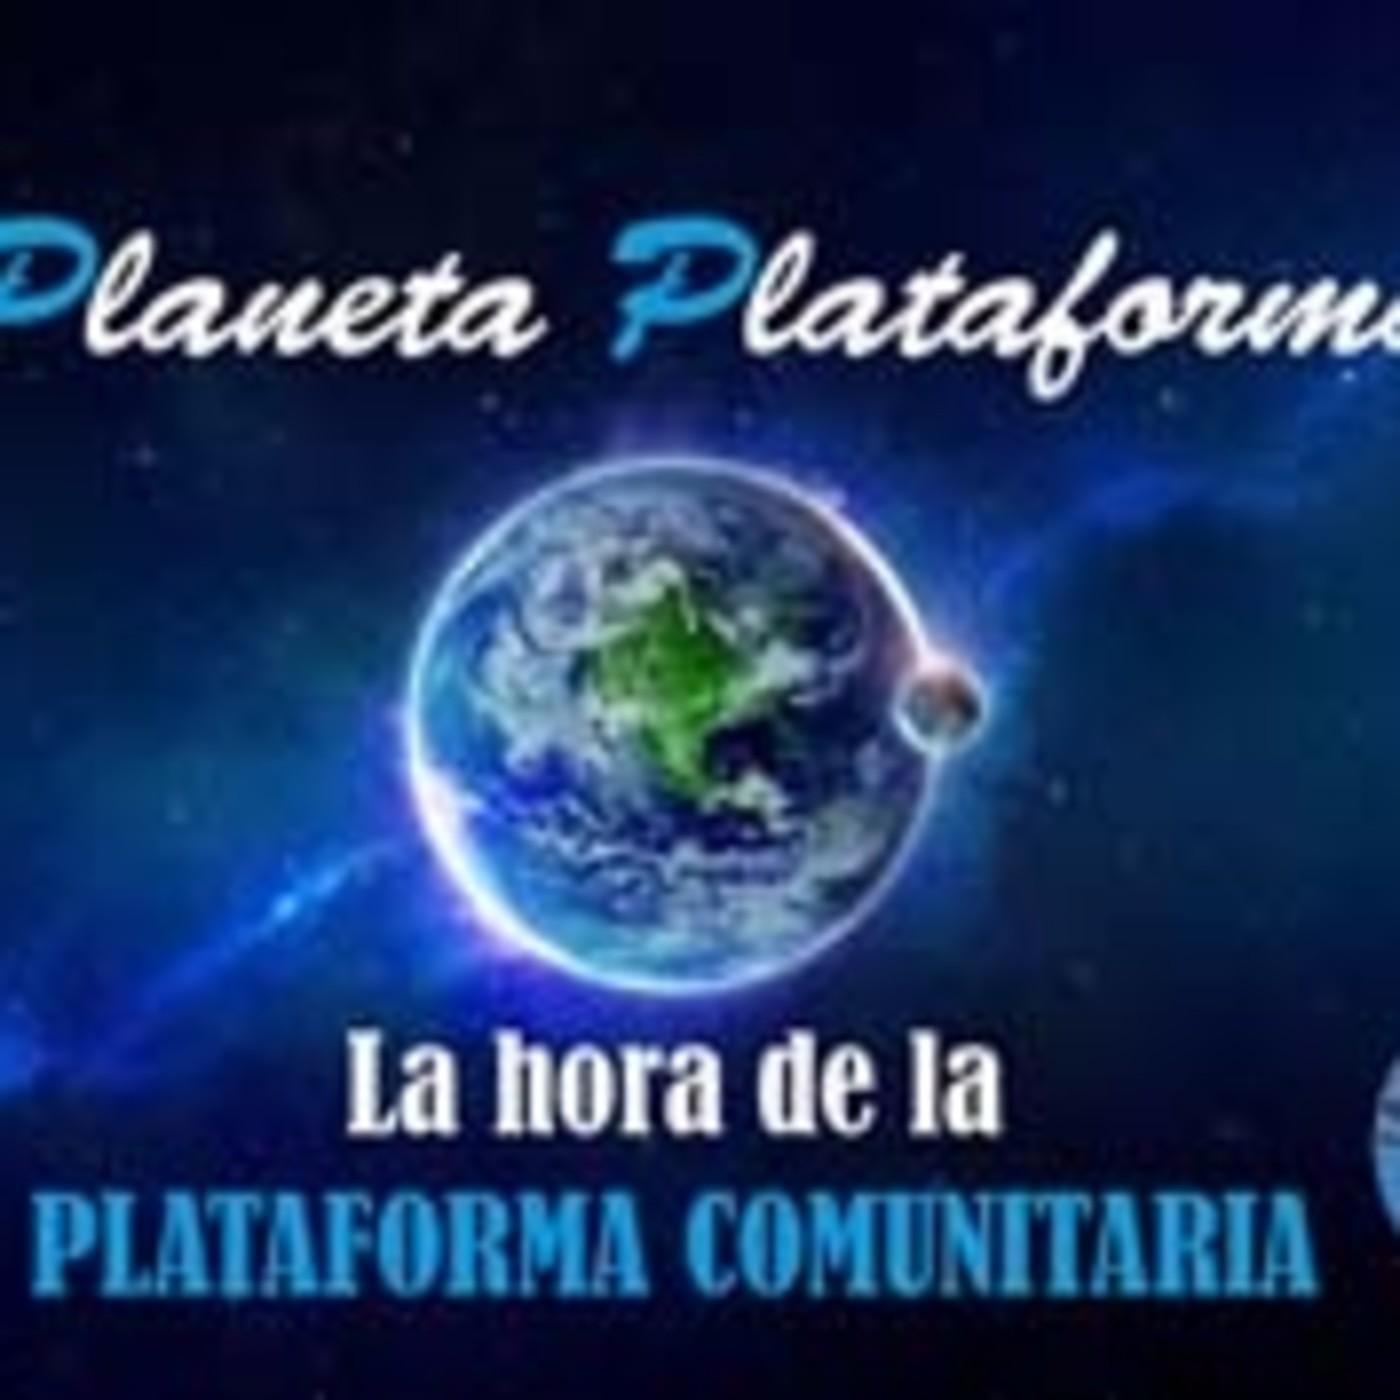 PLANETA PLATAFORMA